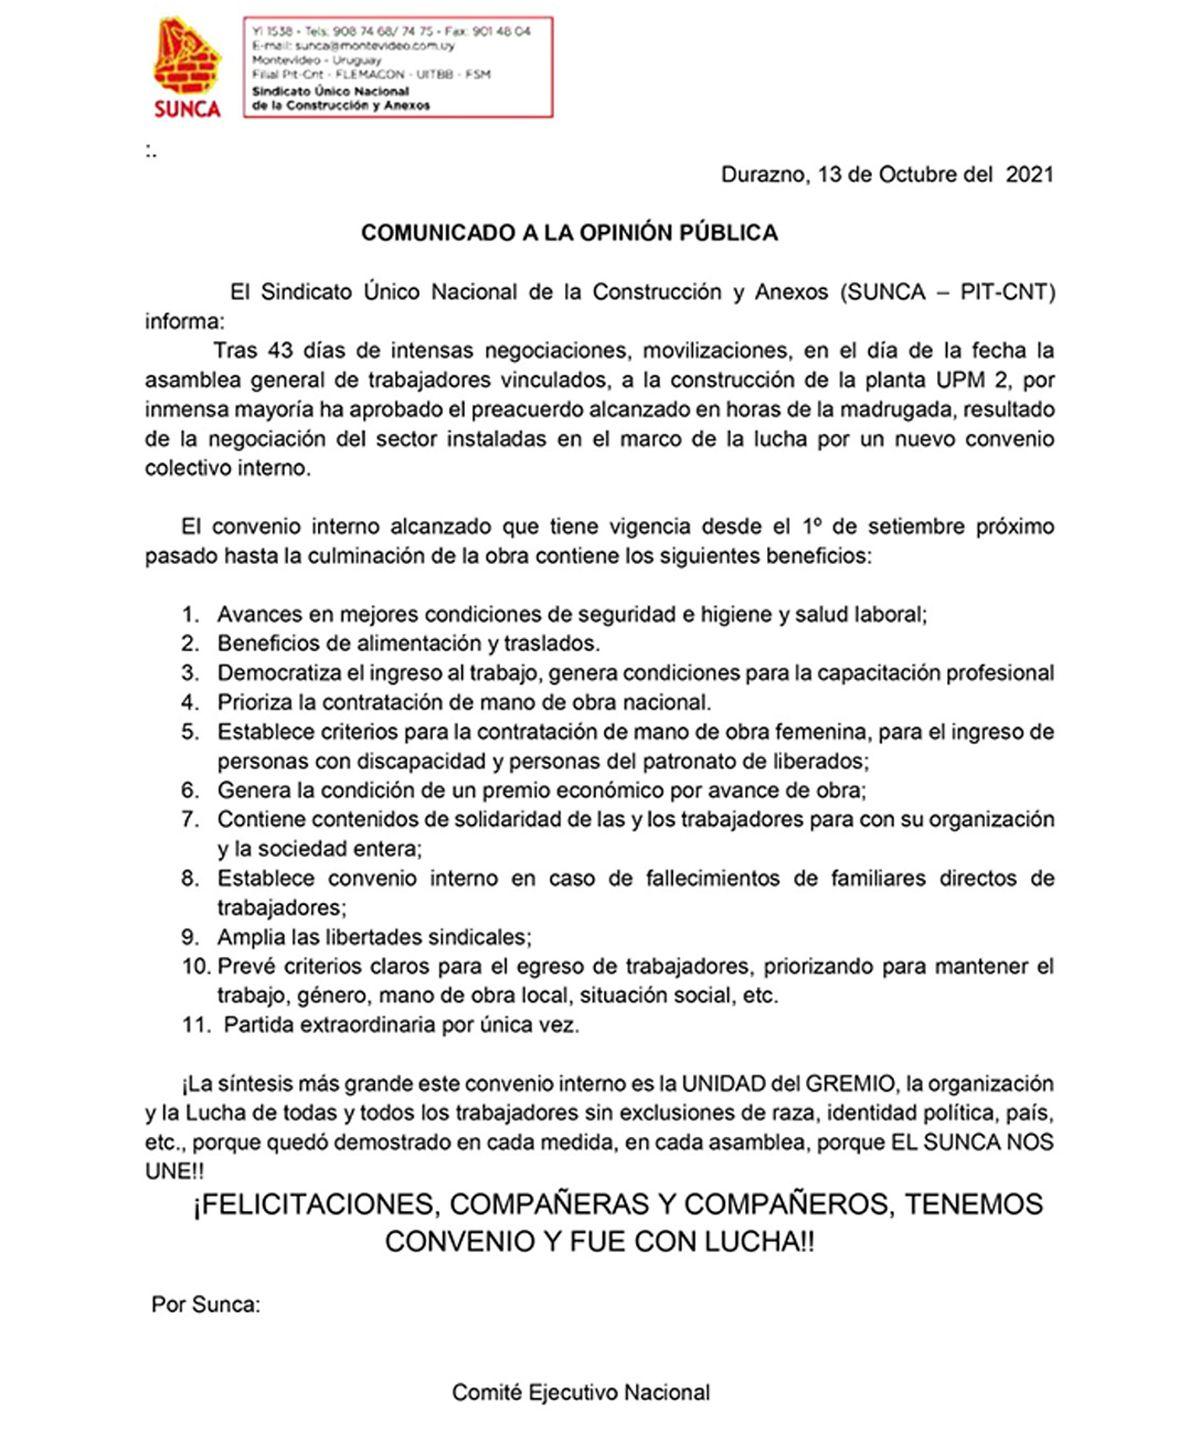 Sindicato de trabajadores aprobó acuerdo con UPM por nuevo convenio laboral